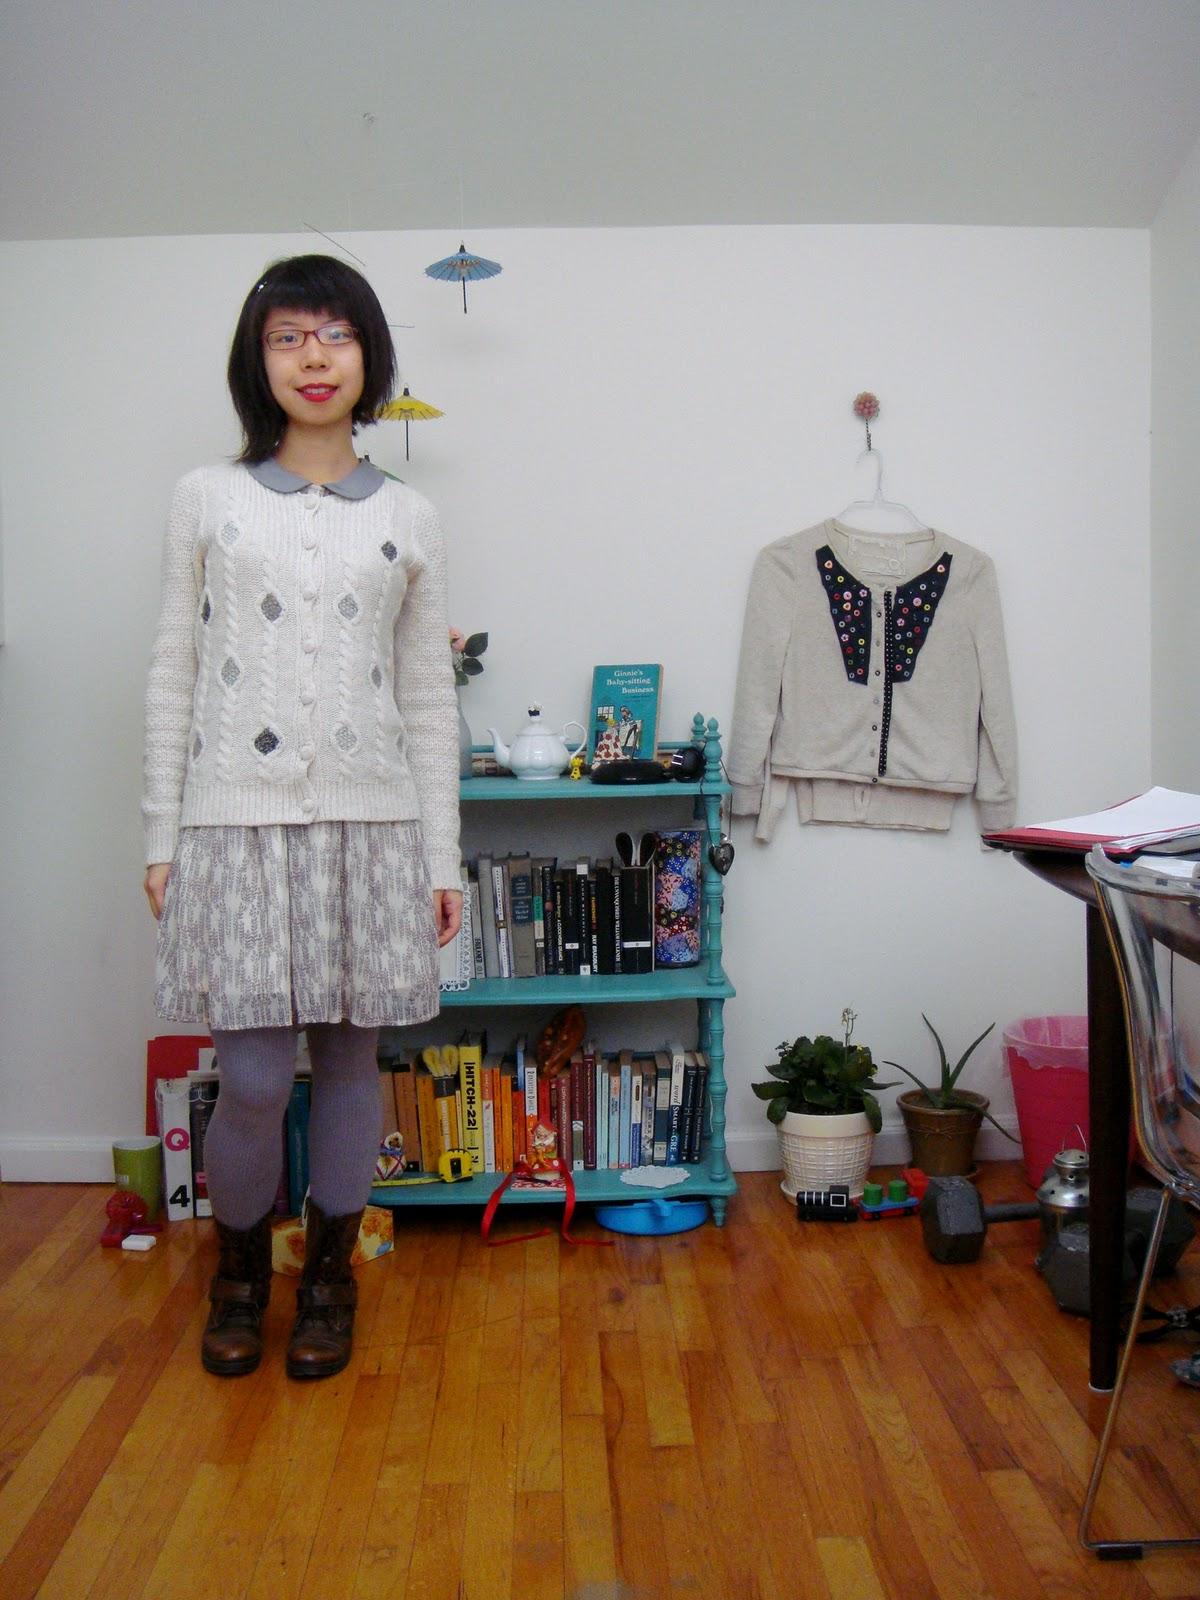 http://3.bp.blogspot.com/-WwQb88lrFsg/Tuo2cZL2HaI/AAAAAAAADa8/VhAJAIqsV0E/s1600/outfit%2Blavener%252521%2Band%2Bglasses%2B035.JPG